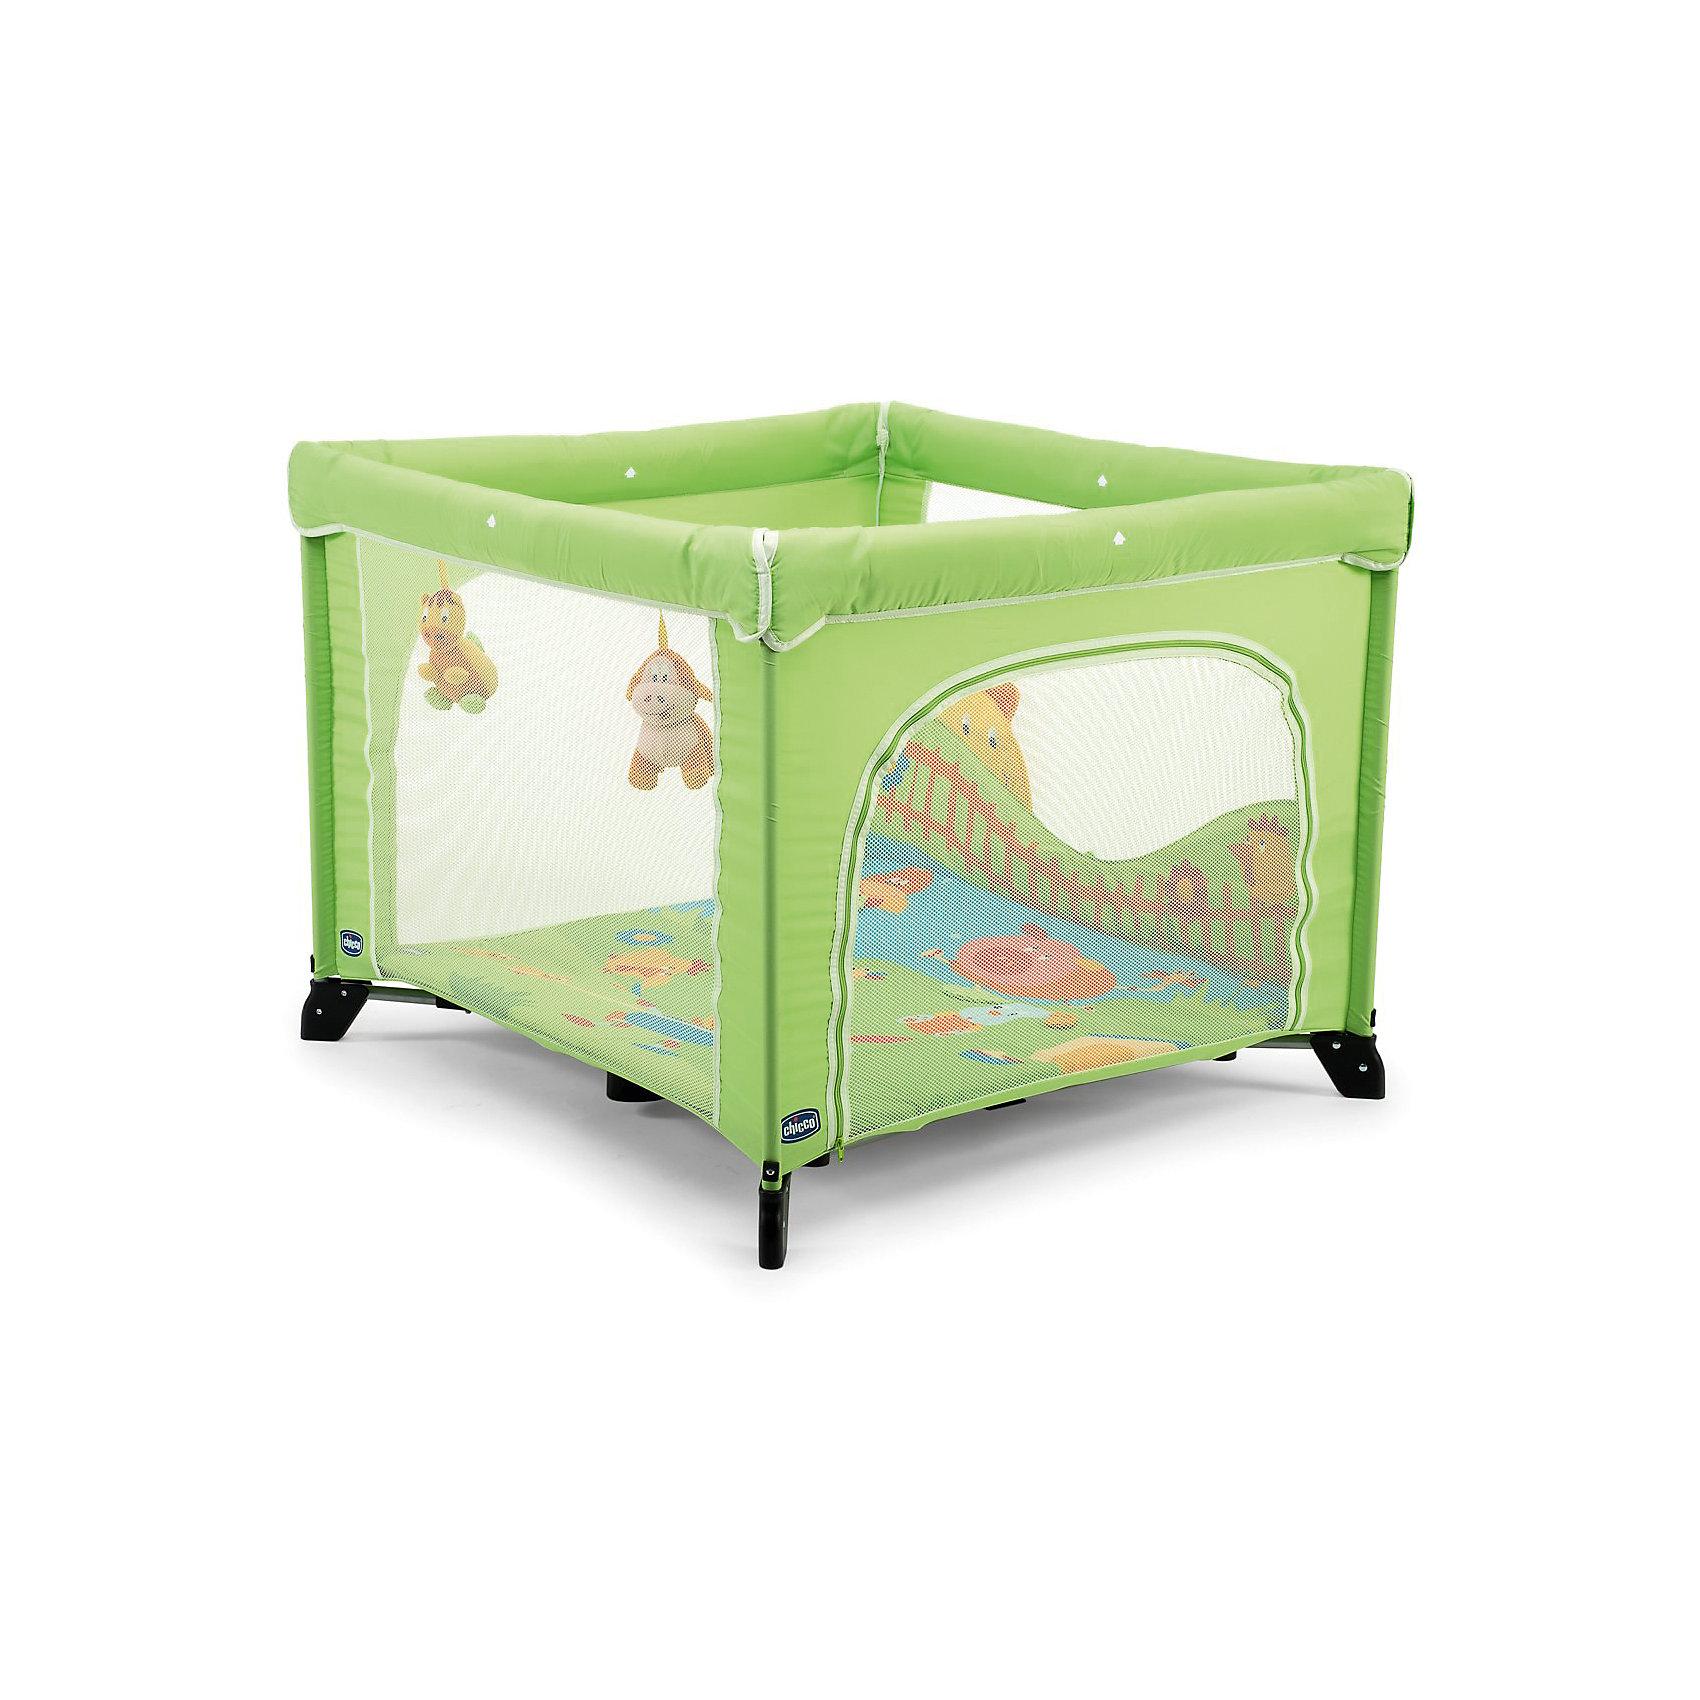 Манеж Open Country Green, CHICCOМанеж от компании CHICCO подойдет для малышей с момента рождения. Модель практична и функциональна, так как установлены кольца для перемещения крохи, а боковая часть открывается. Манеж складывается и превращается в удобный предмет, который занимает минимум места. Для переноса манежа в комплекте идет сумка. Стены выполнены из сетки с функцией вентиляции. Днище жесткое. Обивка матраса – натуральный хлопок. Материалы, использованные при изготовлении модели, отвечают всем современным требованиям к качеству и безопасности детских товаров. Ручки у манежа отсутствуют. <br><br>Дополнительная информация:<br><br>размеры: 94?94?76 см;<br>комплектация: манеж, набивной матрас, сумка для переноса;<br>цвет: салатовый.<br><br>Манеж фирмы CHICCO можно купить в нашем магазине.<br><br>Ширина мм: 255<br>Глубина мм: 255<br>Высота мм: 890<br>Вес г: 13280<br>Возраст от месяцев: 0<br>Возраст до месяцев: 36<br>Пол: Унисекс<br>Возраст: Детский<br>SKU: 4964758